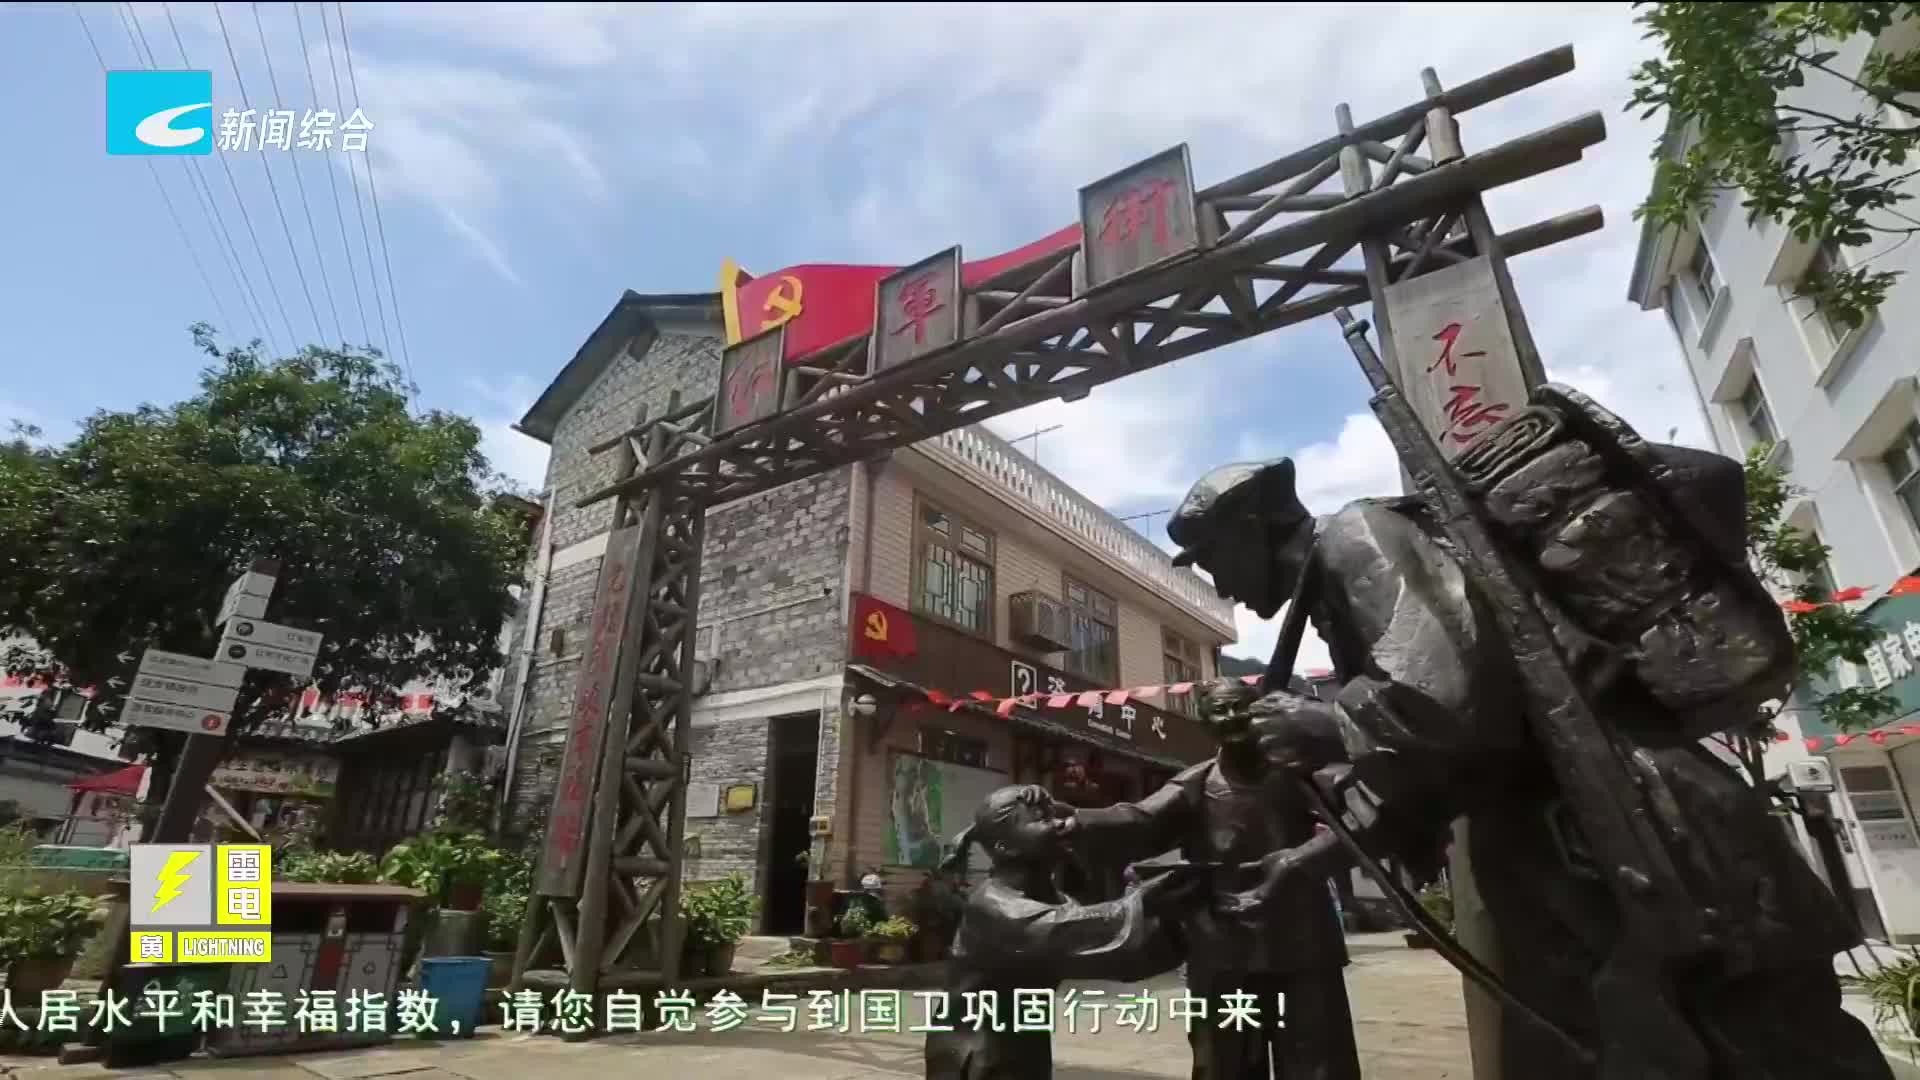 【丽水人文大讲堂】重温革命老区住龙那烽火连天的革命岁月